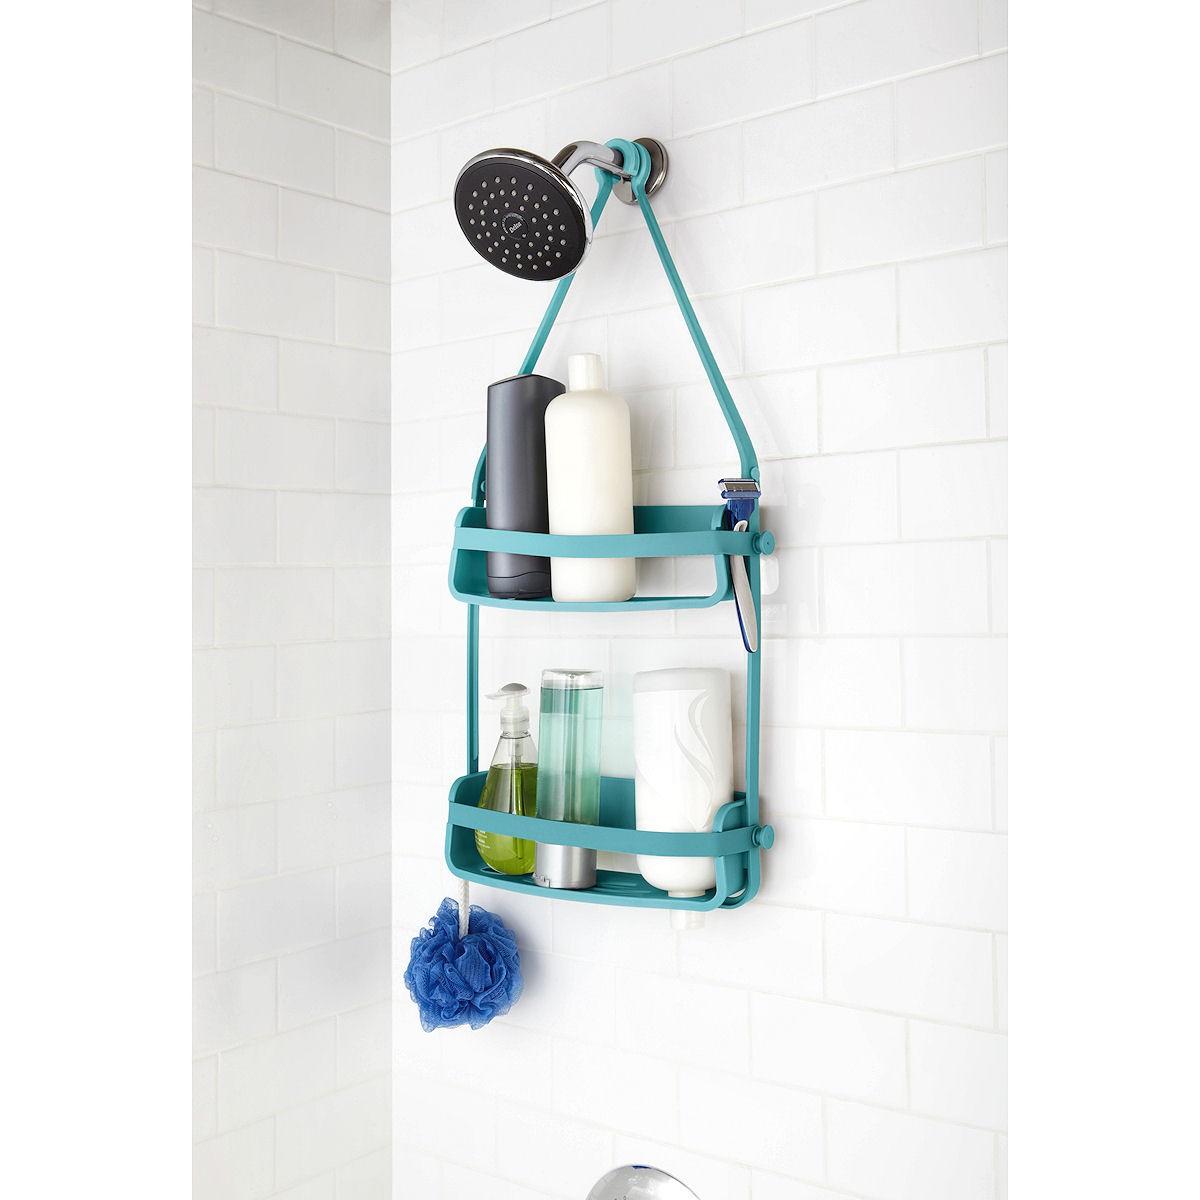 UMBRA Flex półka pod prysznic na kosmetyki